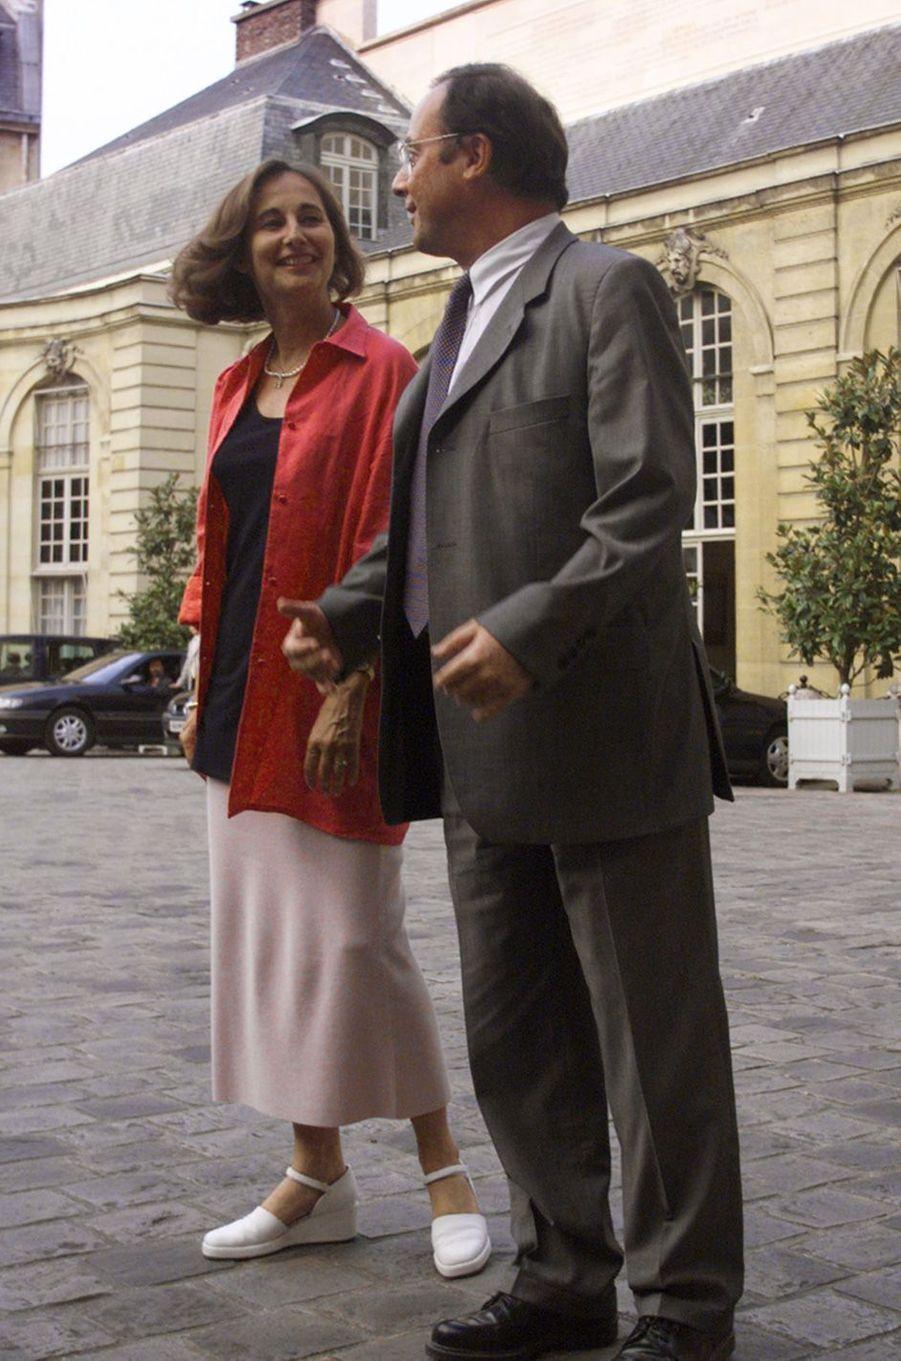 Ségolène Royal, ministre du gouvernement Jospin, et son compagnon François Hollande, en juillet 1999 à l'Hôtel Matignon, où tous les membres du gouvernement étaient invités à dîner avant les vacances par le Premier ministre.